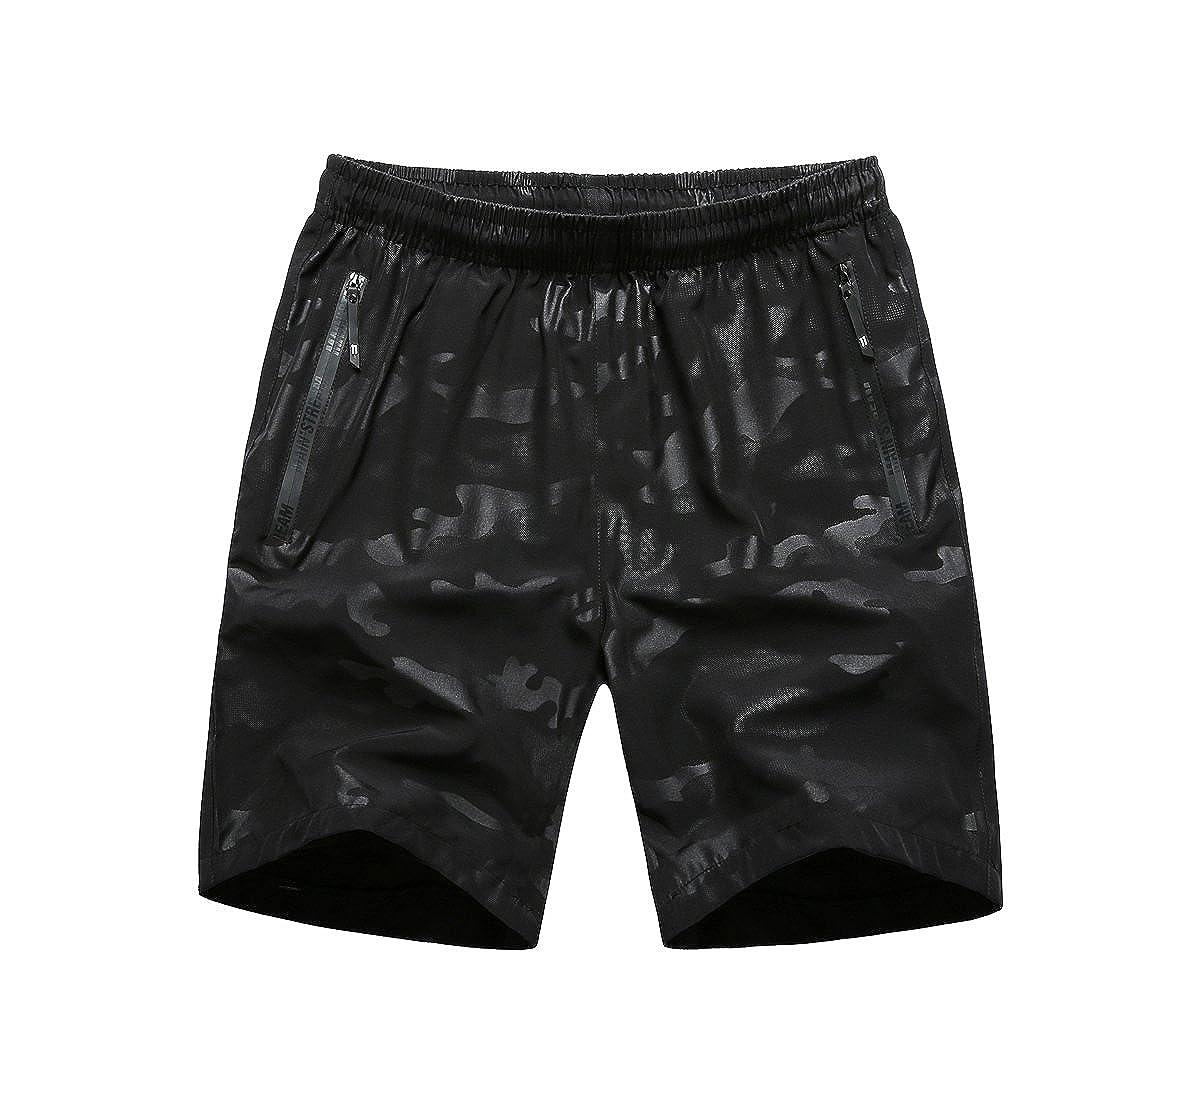 LIERDAR Men's Outdoor Quick Dry Lightweight Sports Shorts Zipper Pockets Beach Short LIERDAR Fashion